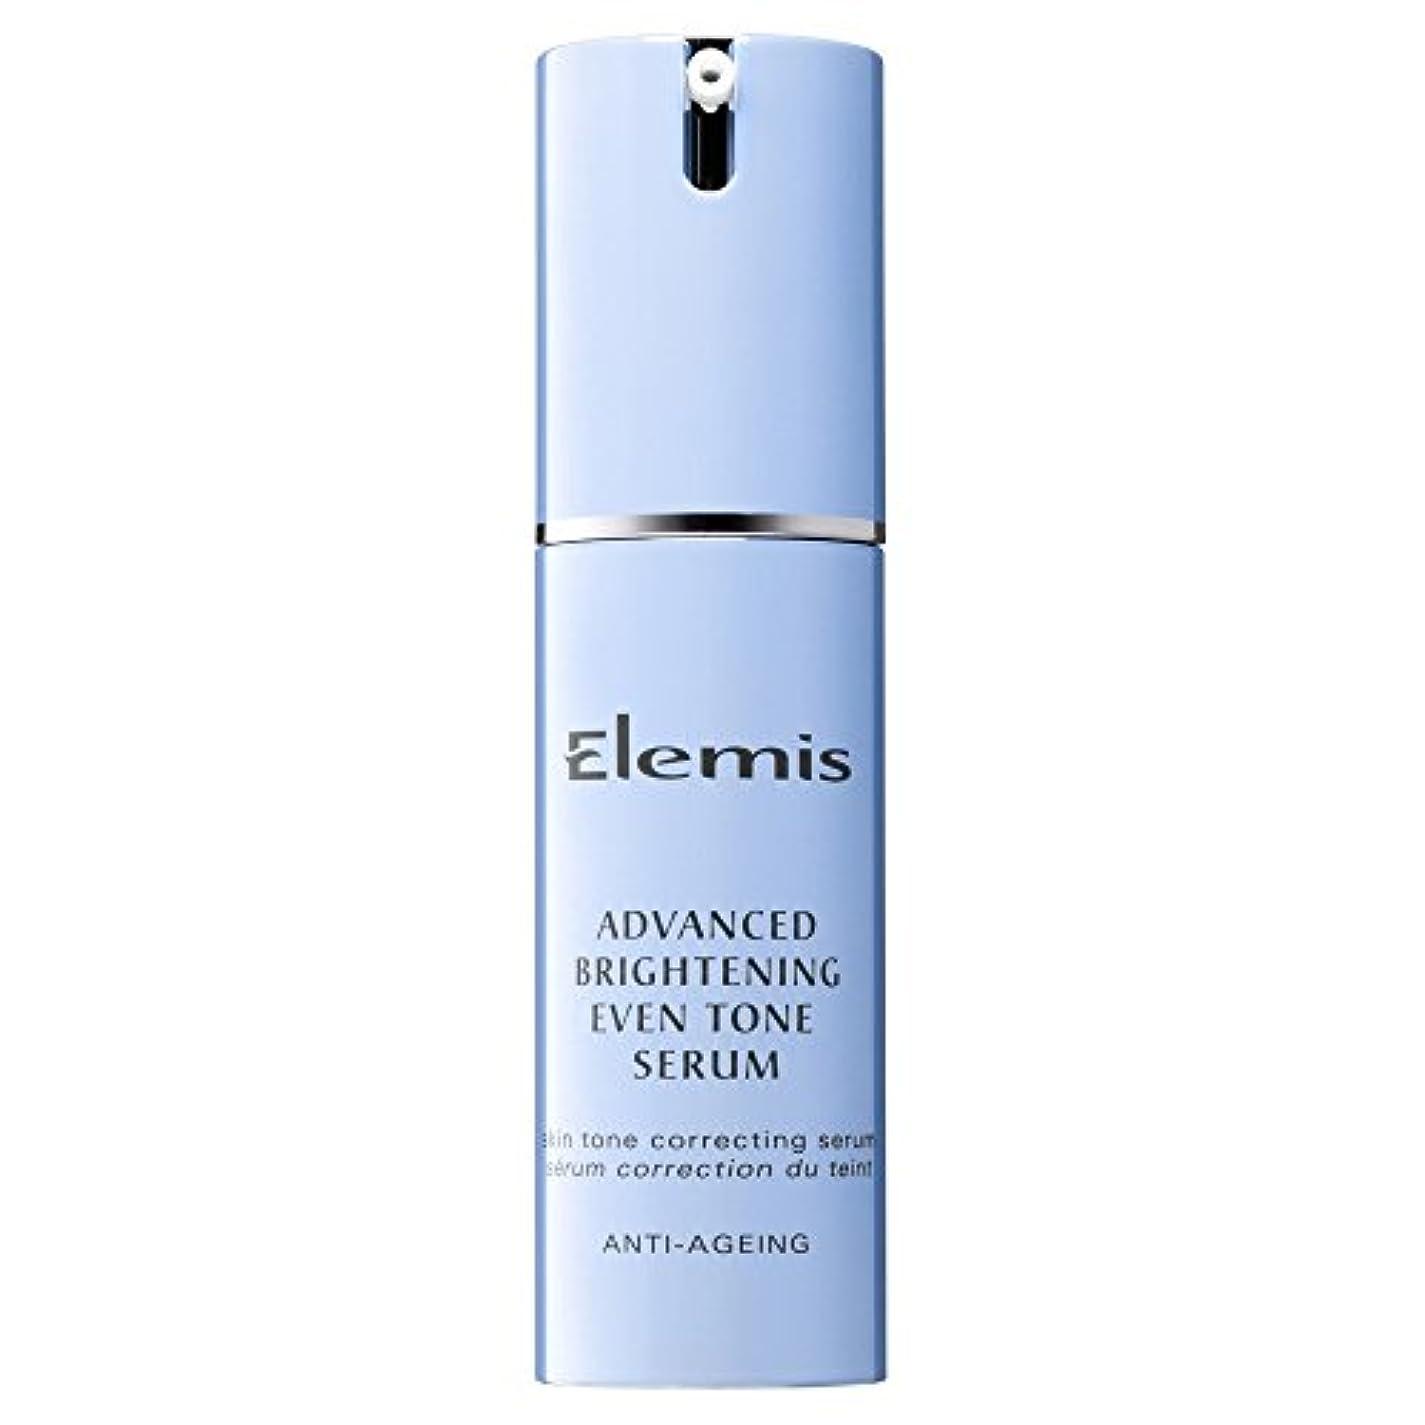 出来事ランク興味エレミス高度な光沢血清30ミリリットル (Elemis) (x2) - Elemis Advanced Brightening Serum 30ml (Pack of 2) [並行輸入品]